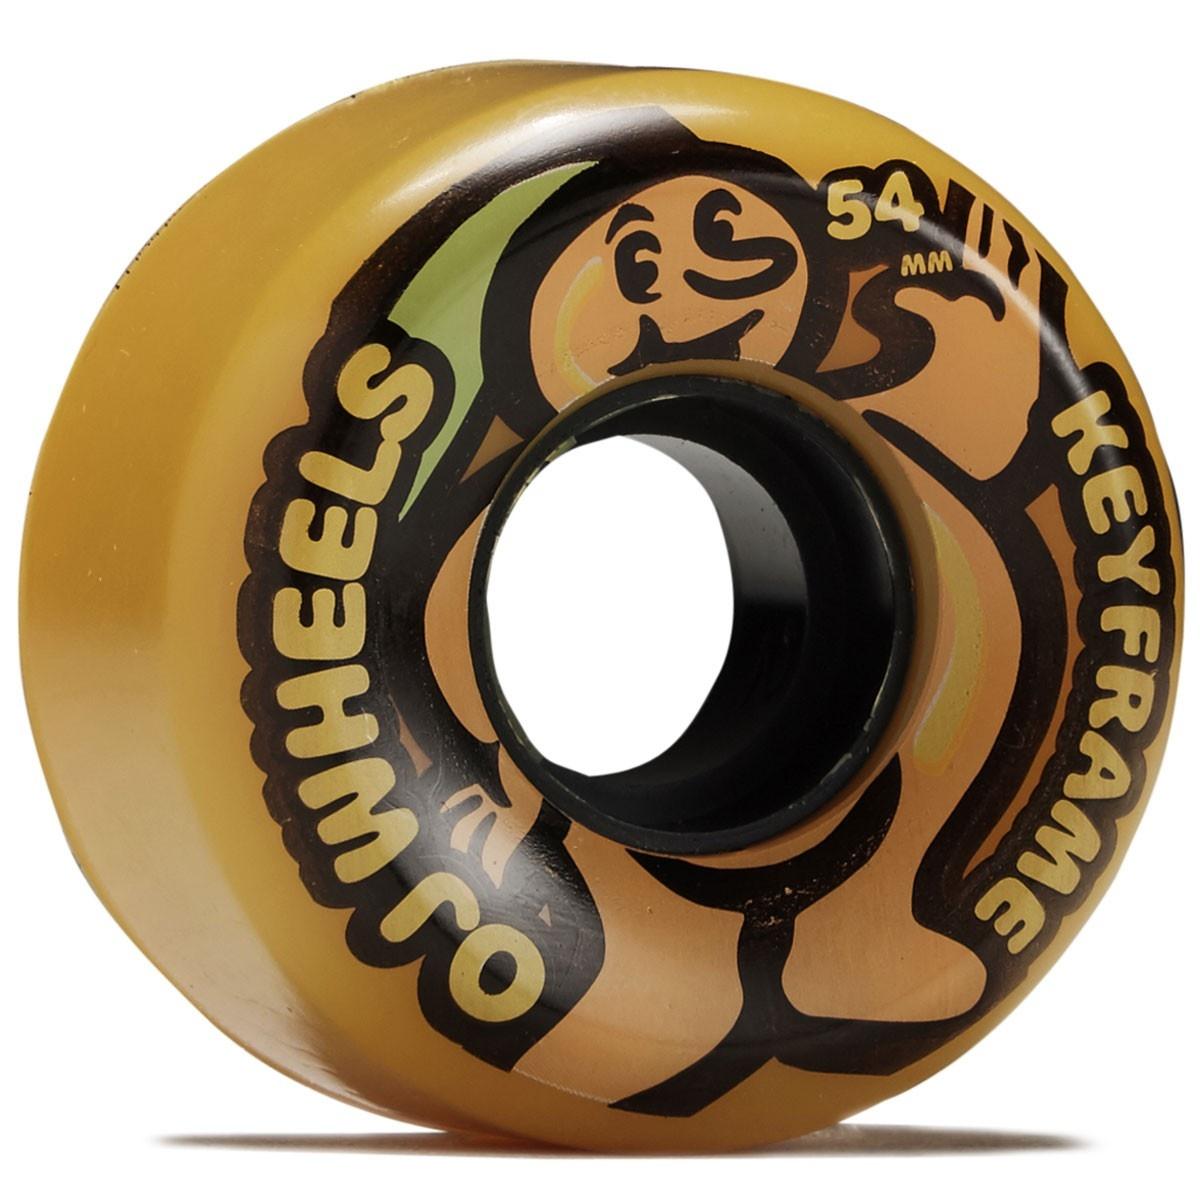 oj wheels 54mm mango keyframe 87a wheels correct